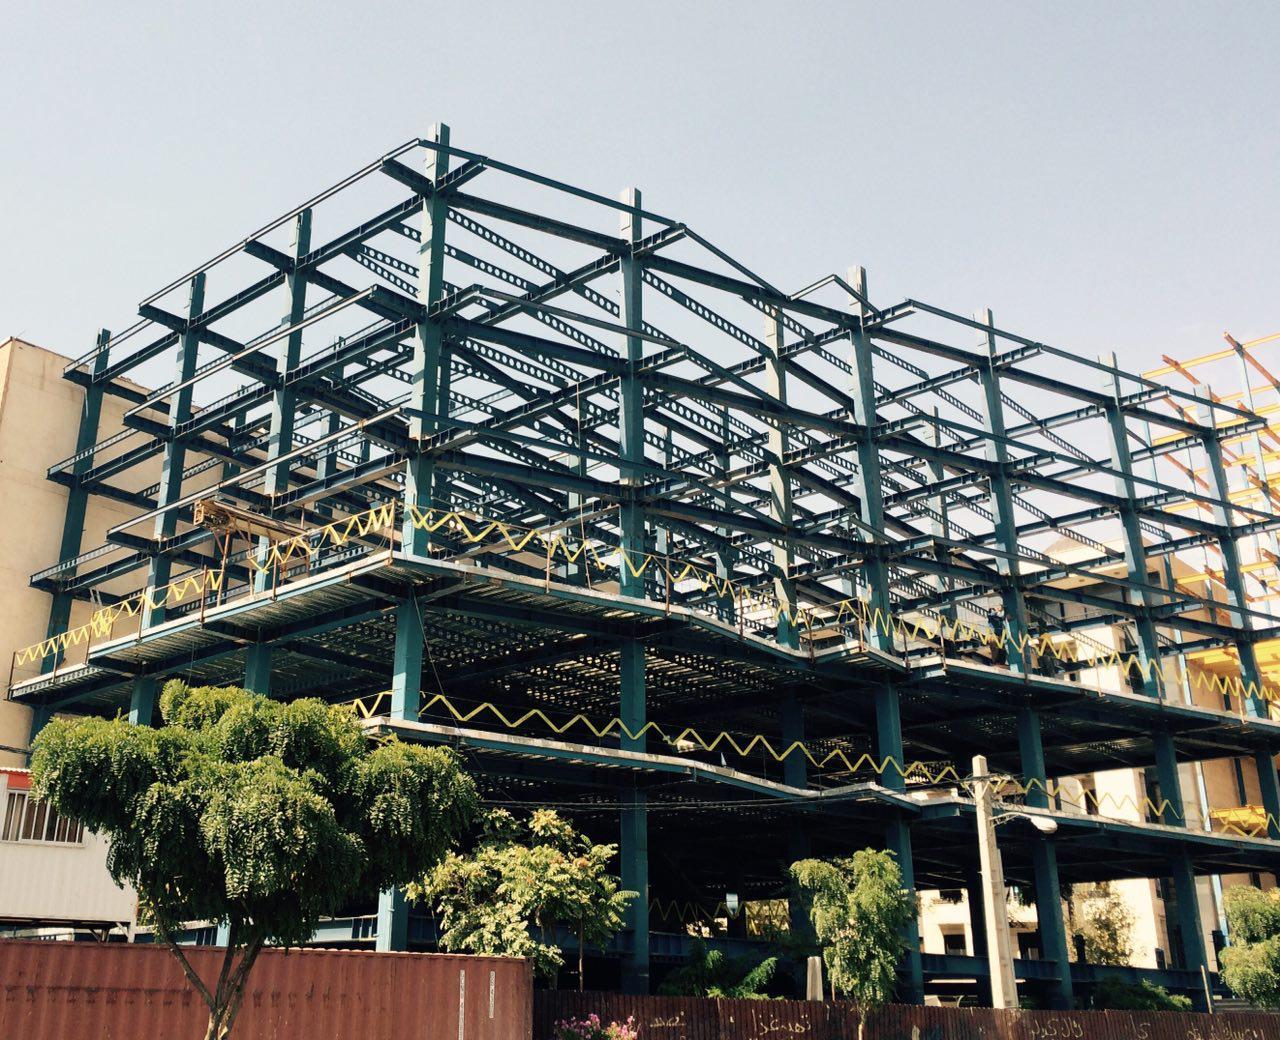 اسکلت فلزی تجاری مسکونی شهرک بنفشه کرج